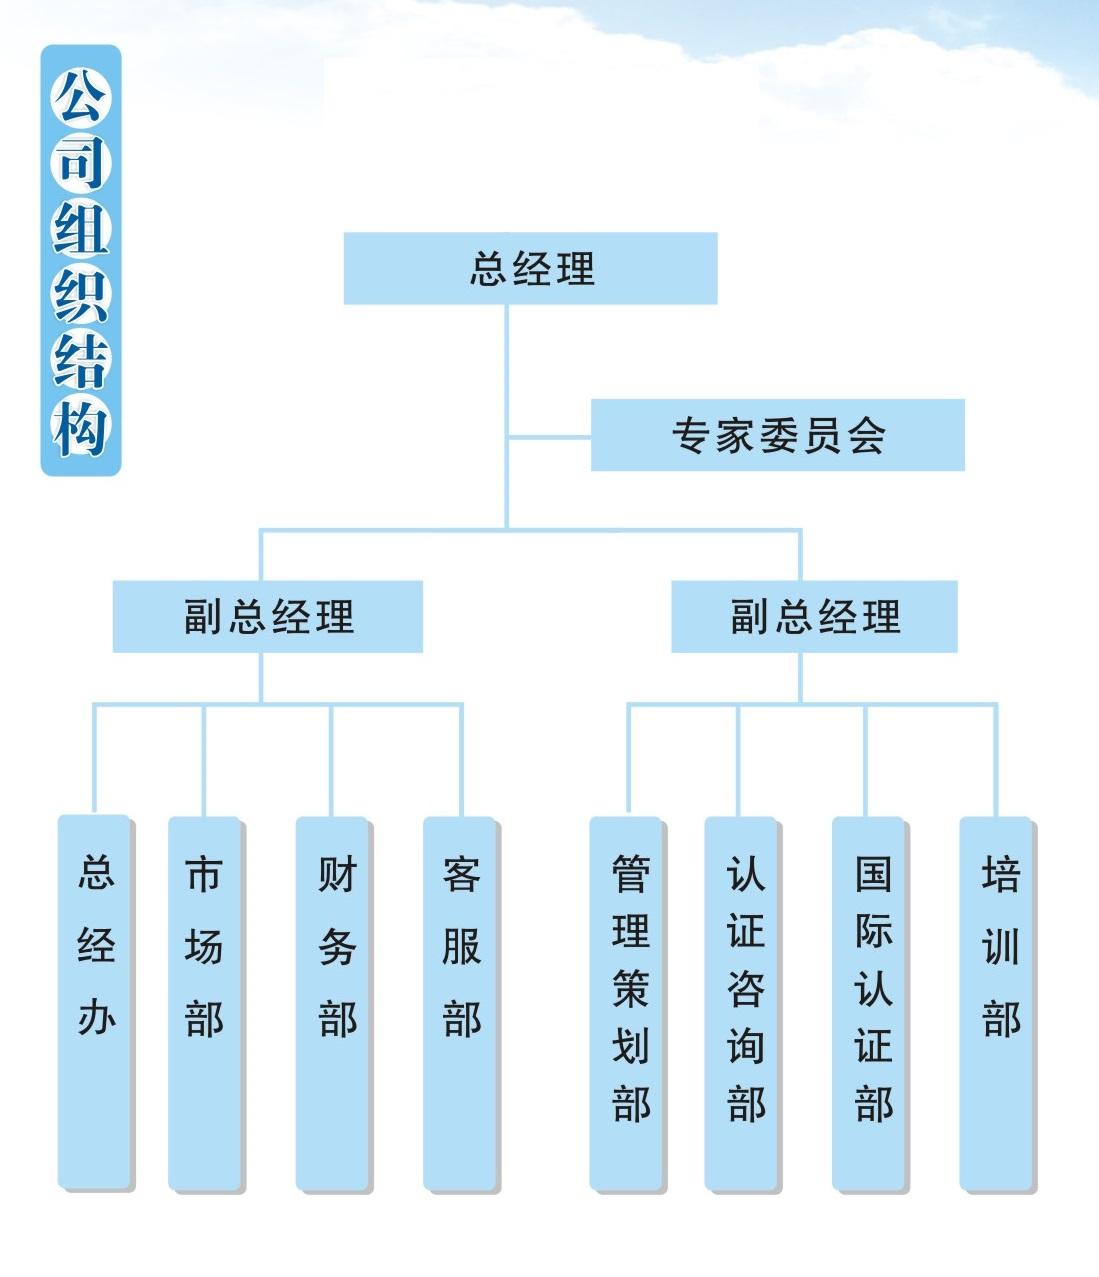 慧友策划a-3.jpg